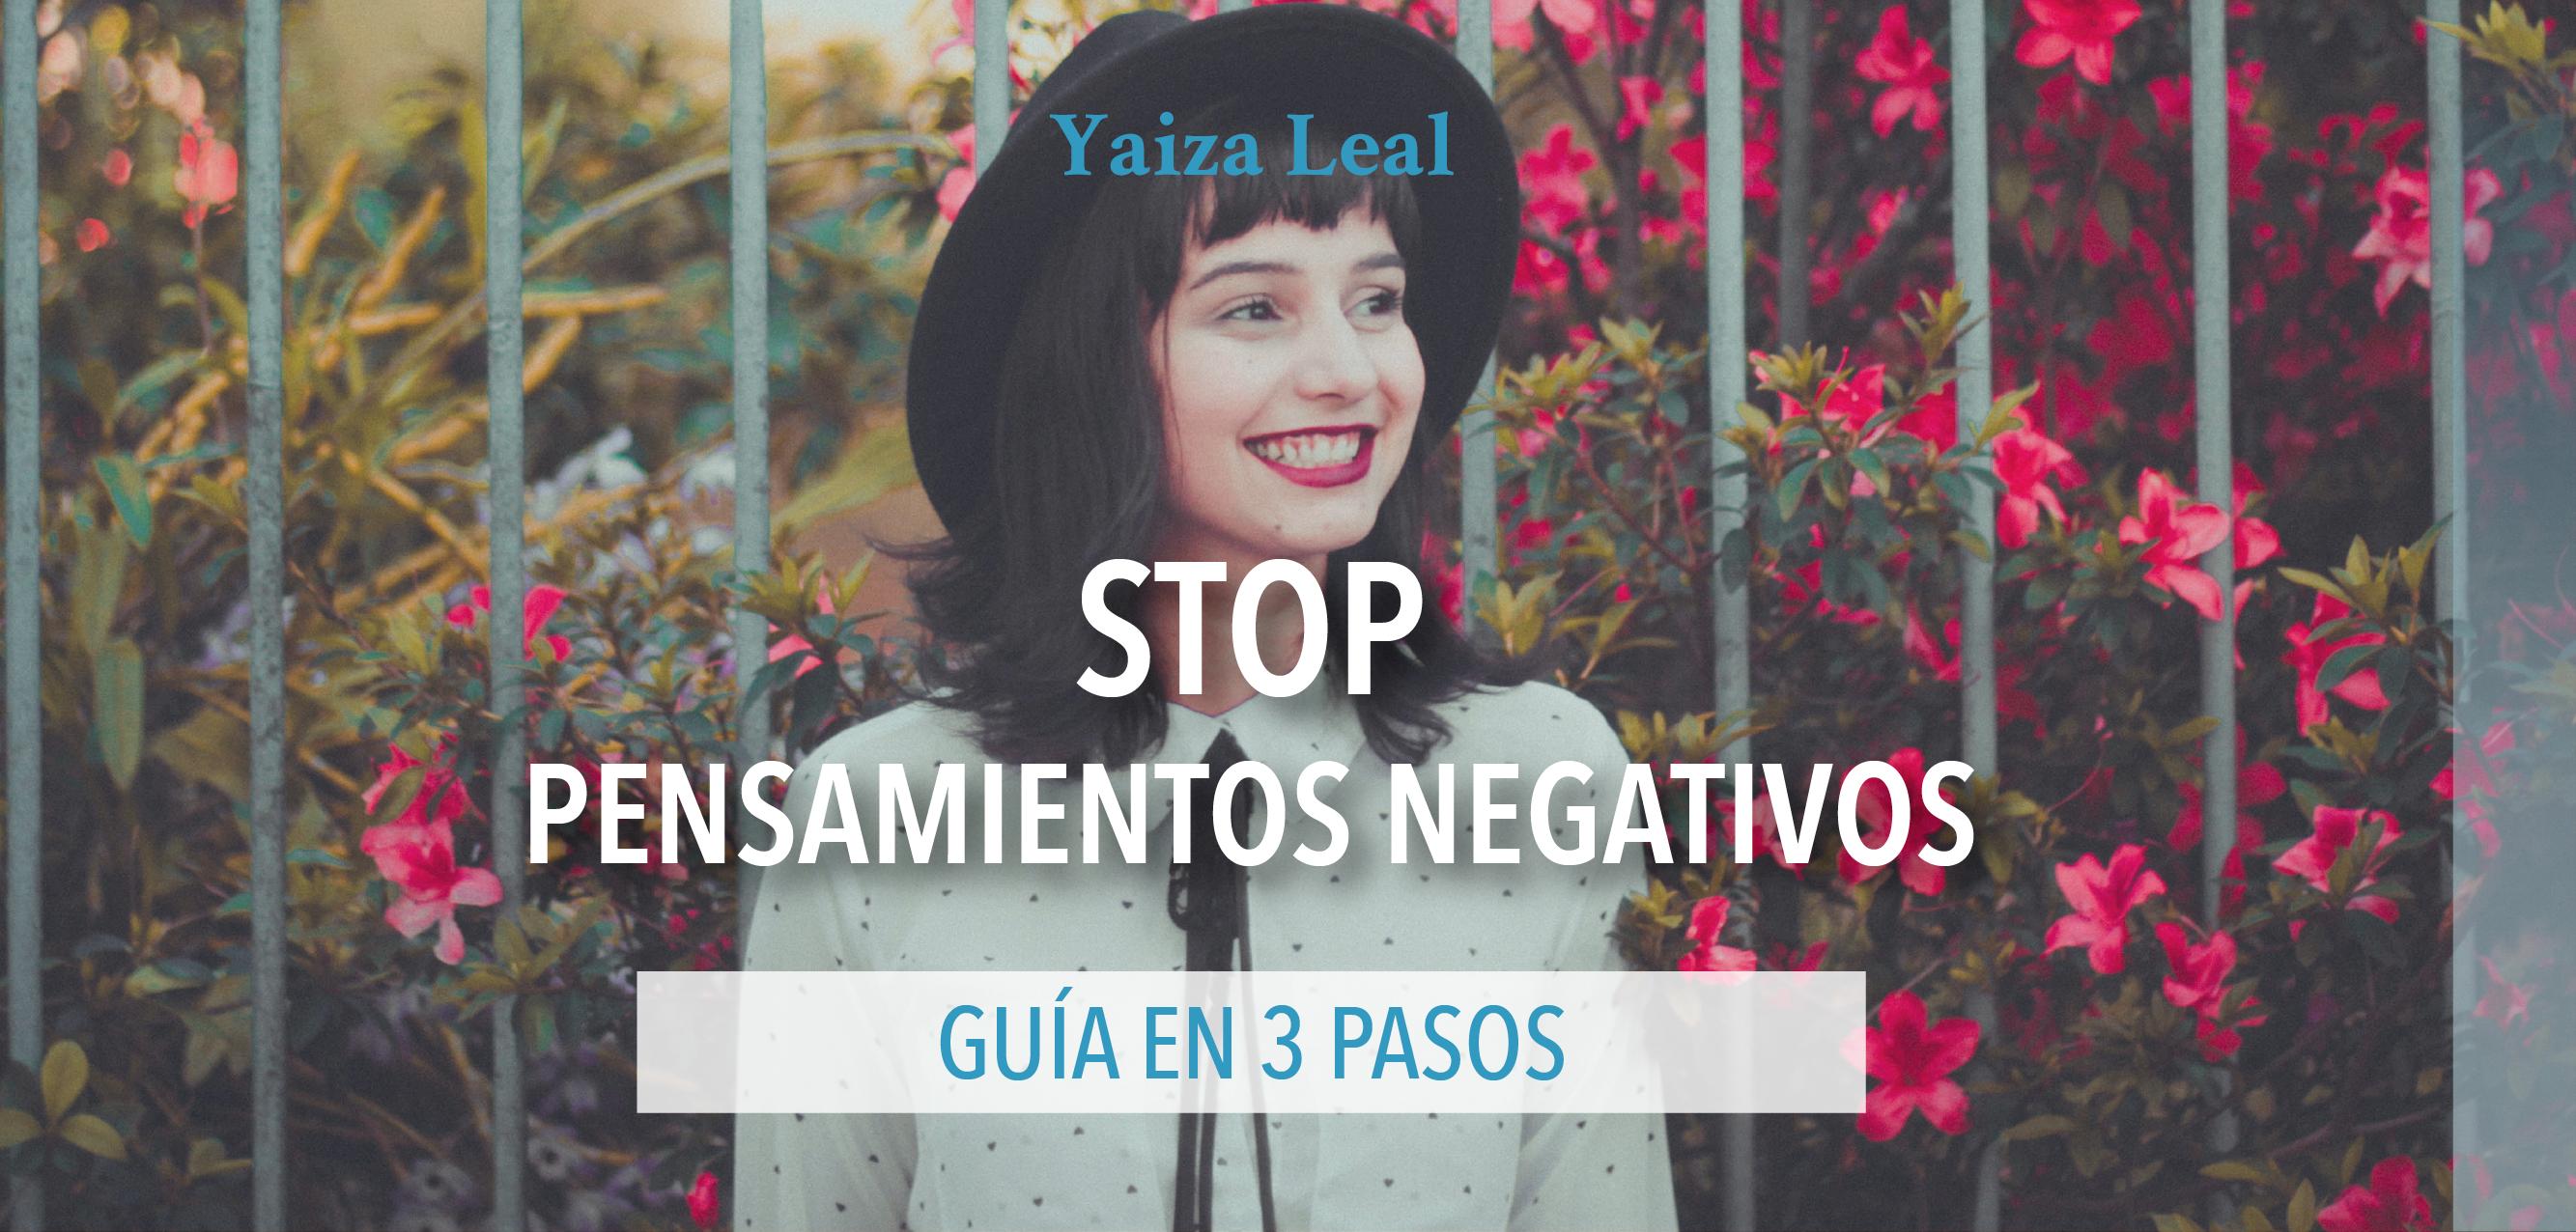 Stop pensamientos negativos